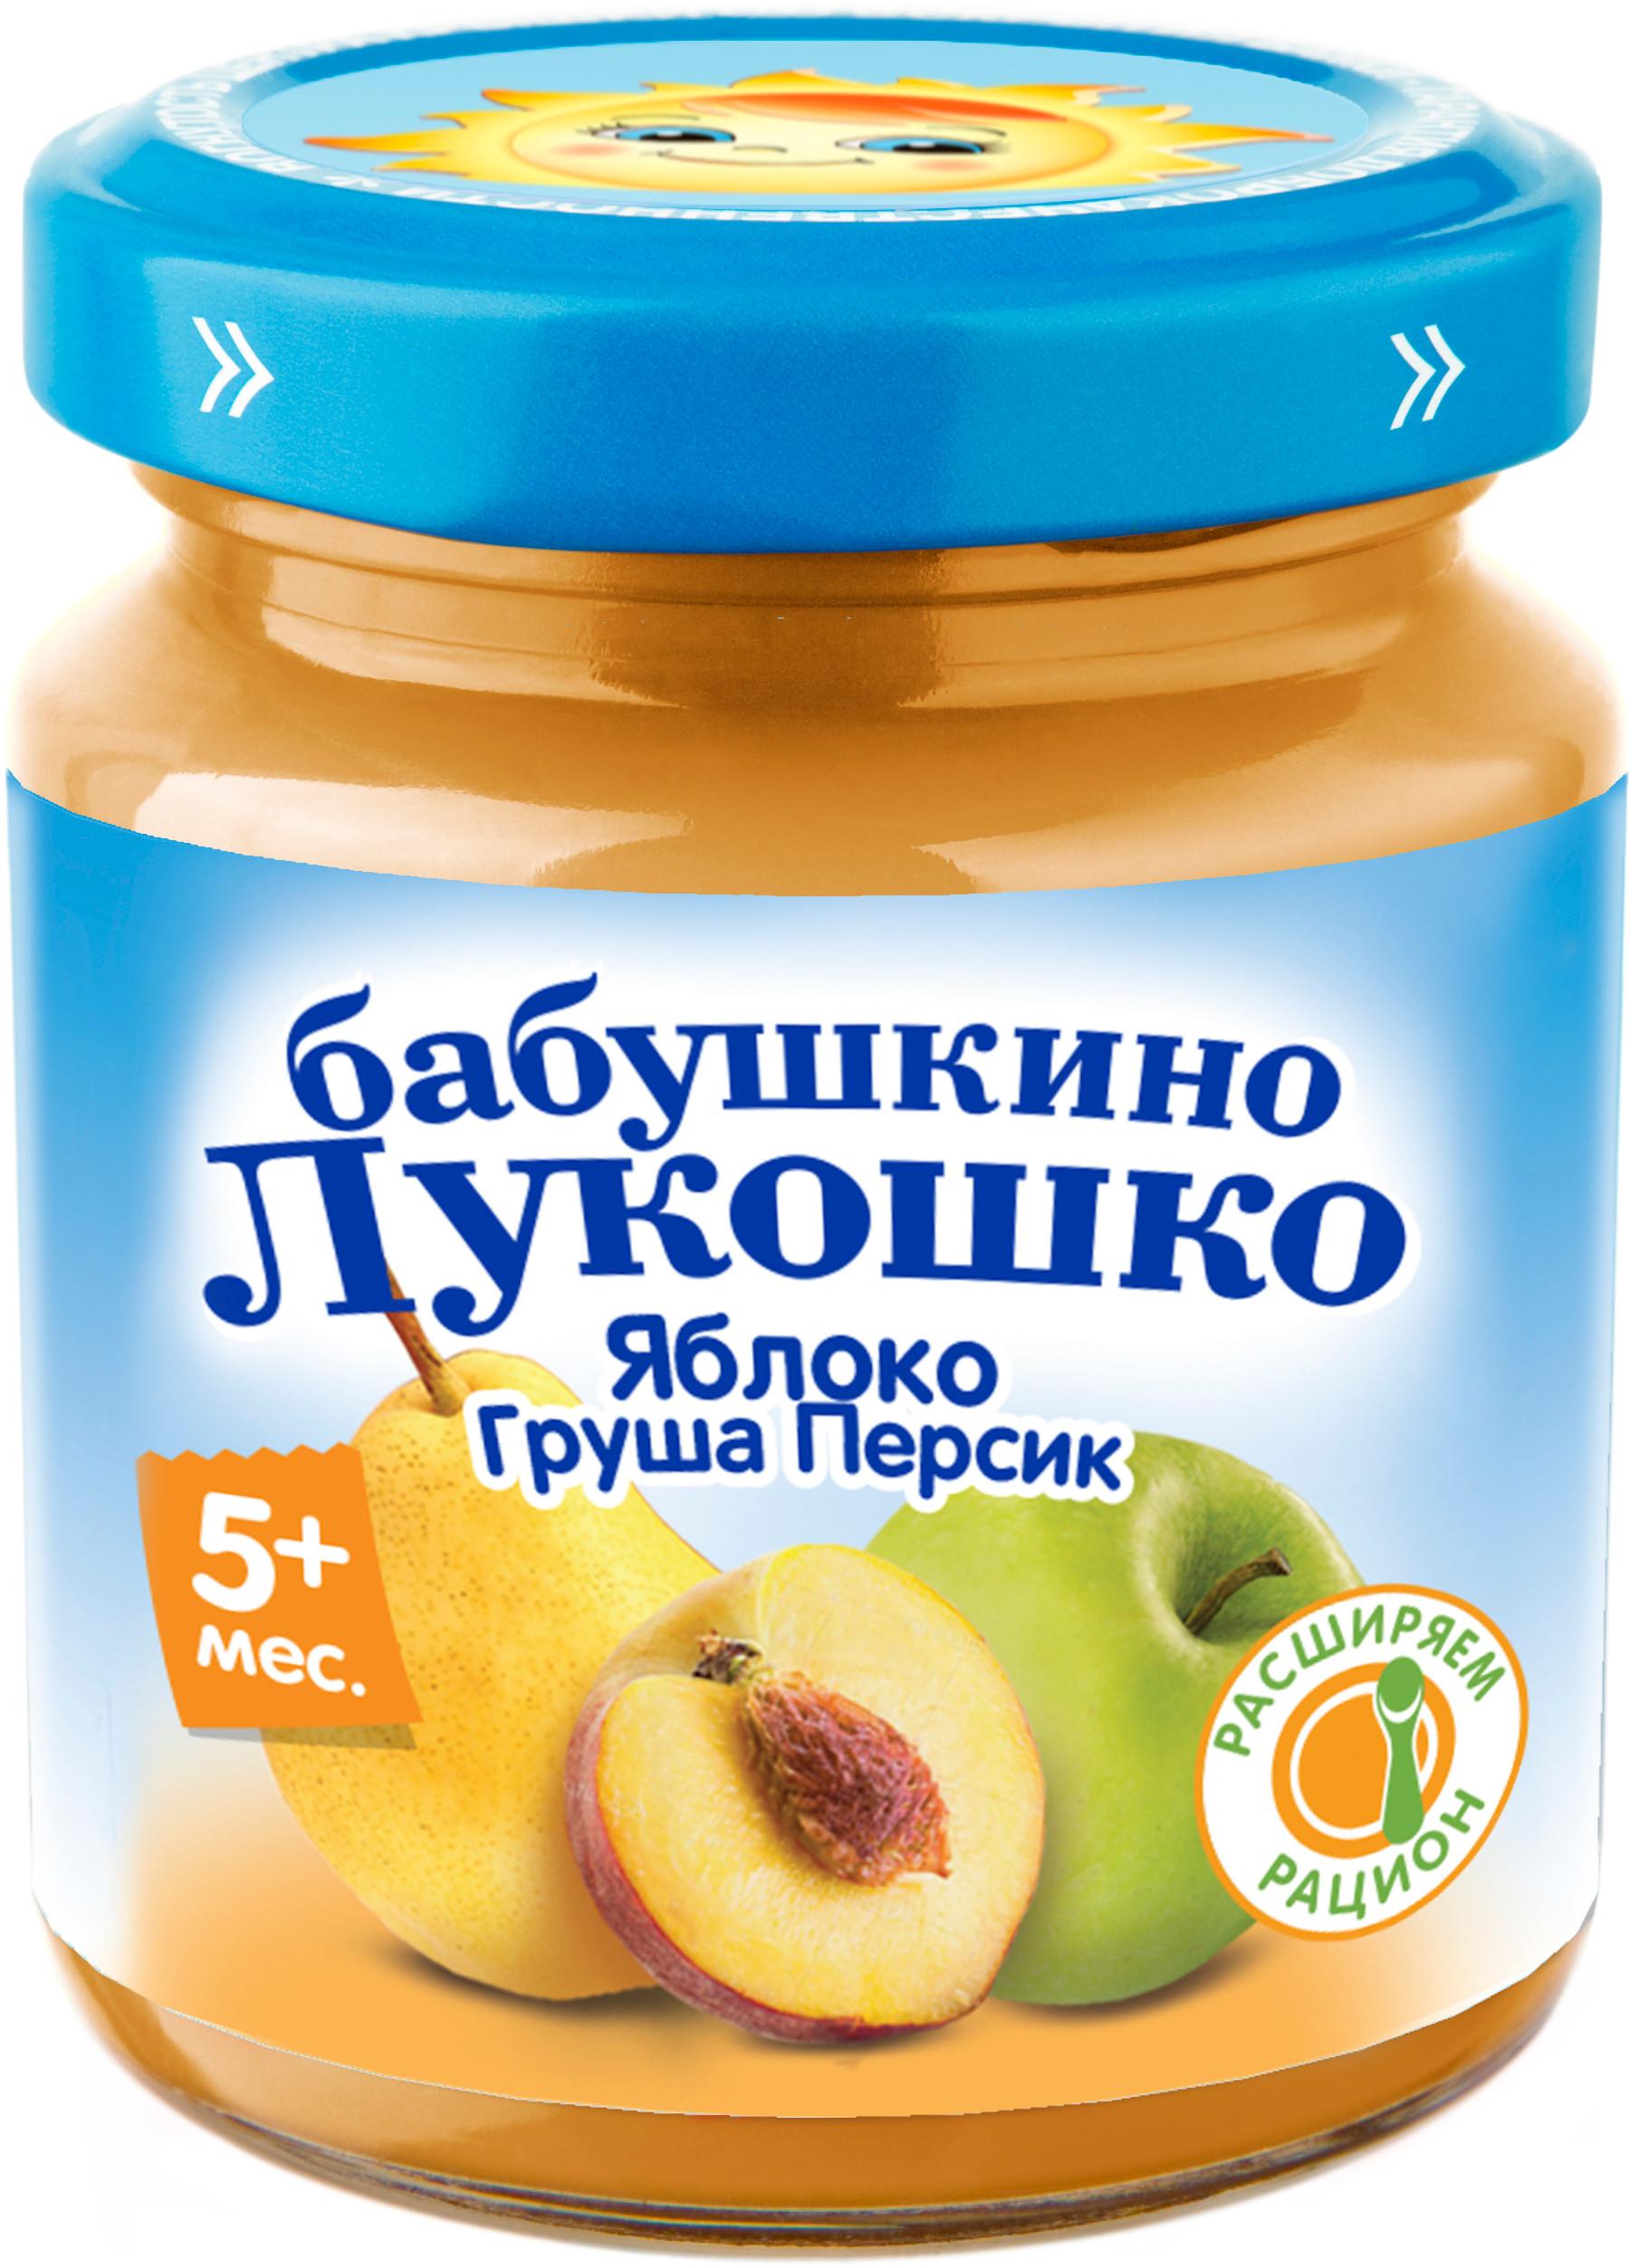 Пюре Бабушкино лукошко Бабушкино лукошко Яблоко, груша, персик с 5 мес. 100 г цена в Москве и Питере